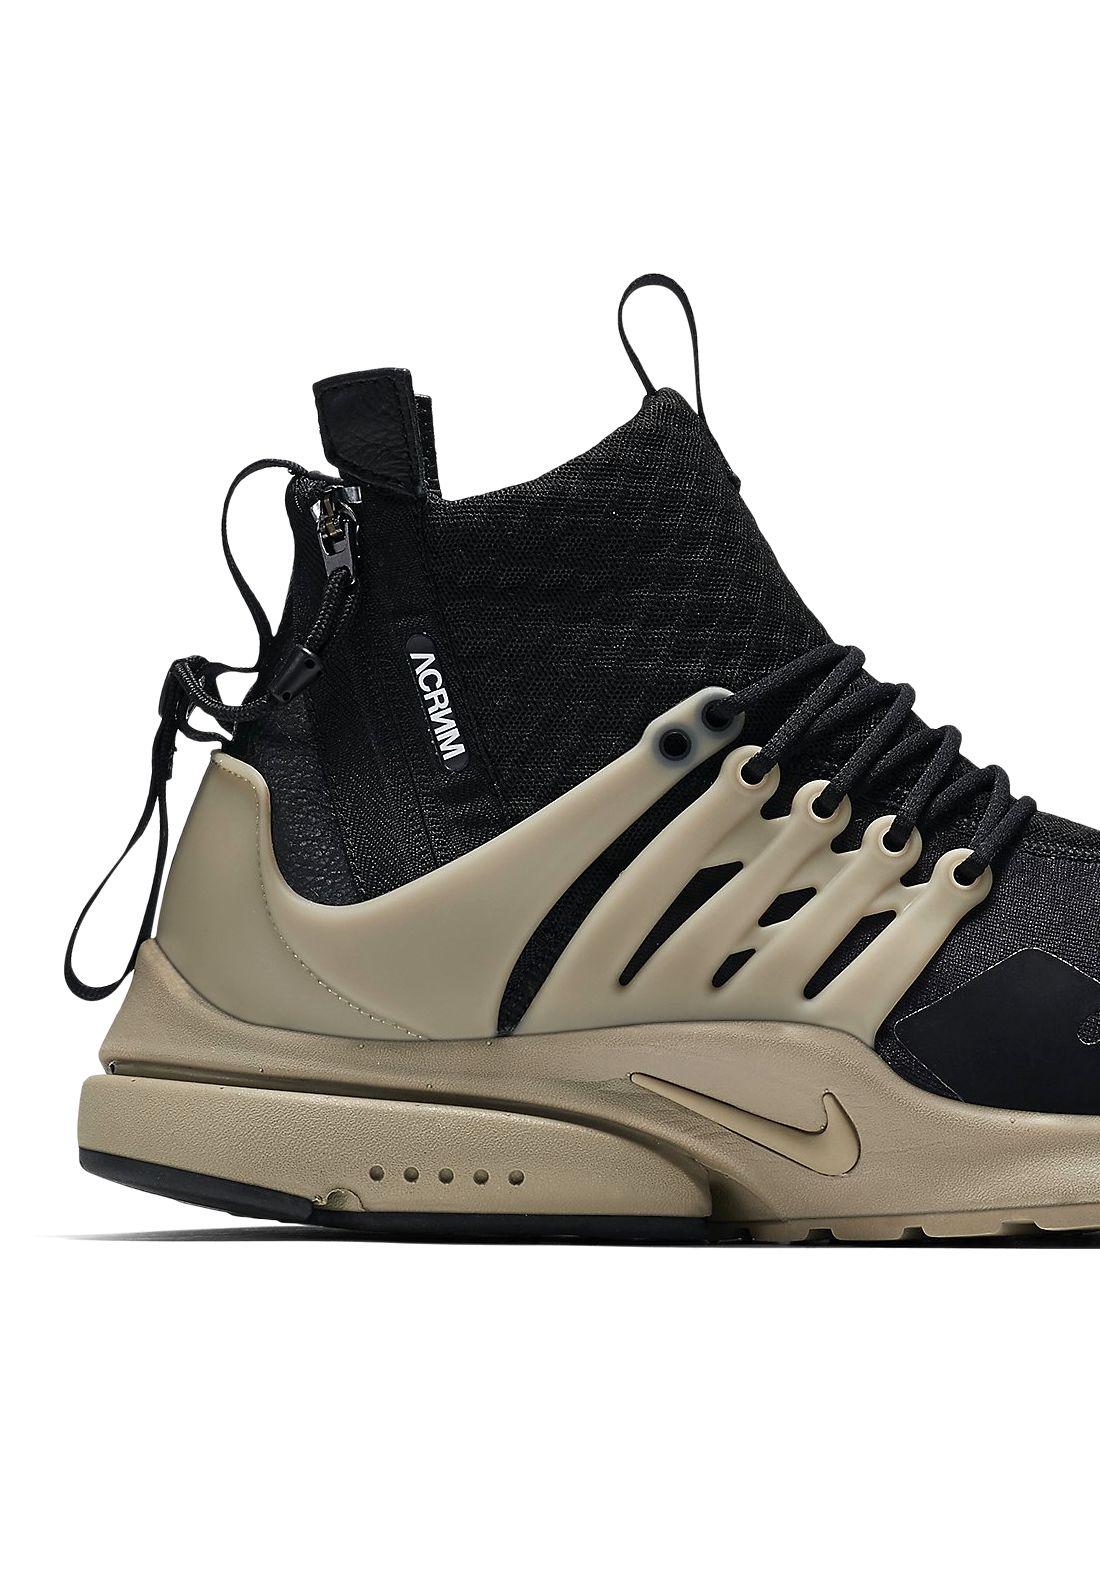 ACRONYM x NIKELAB AIR PRESTO MID #sneakernews #Sneakers #StreetStyle #Kicks  · ZapatosRopa AcrónimoAire ...